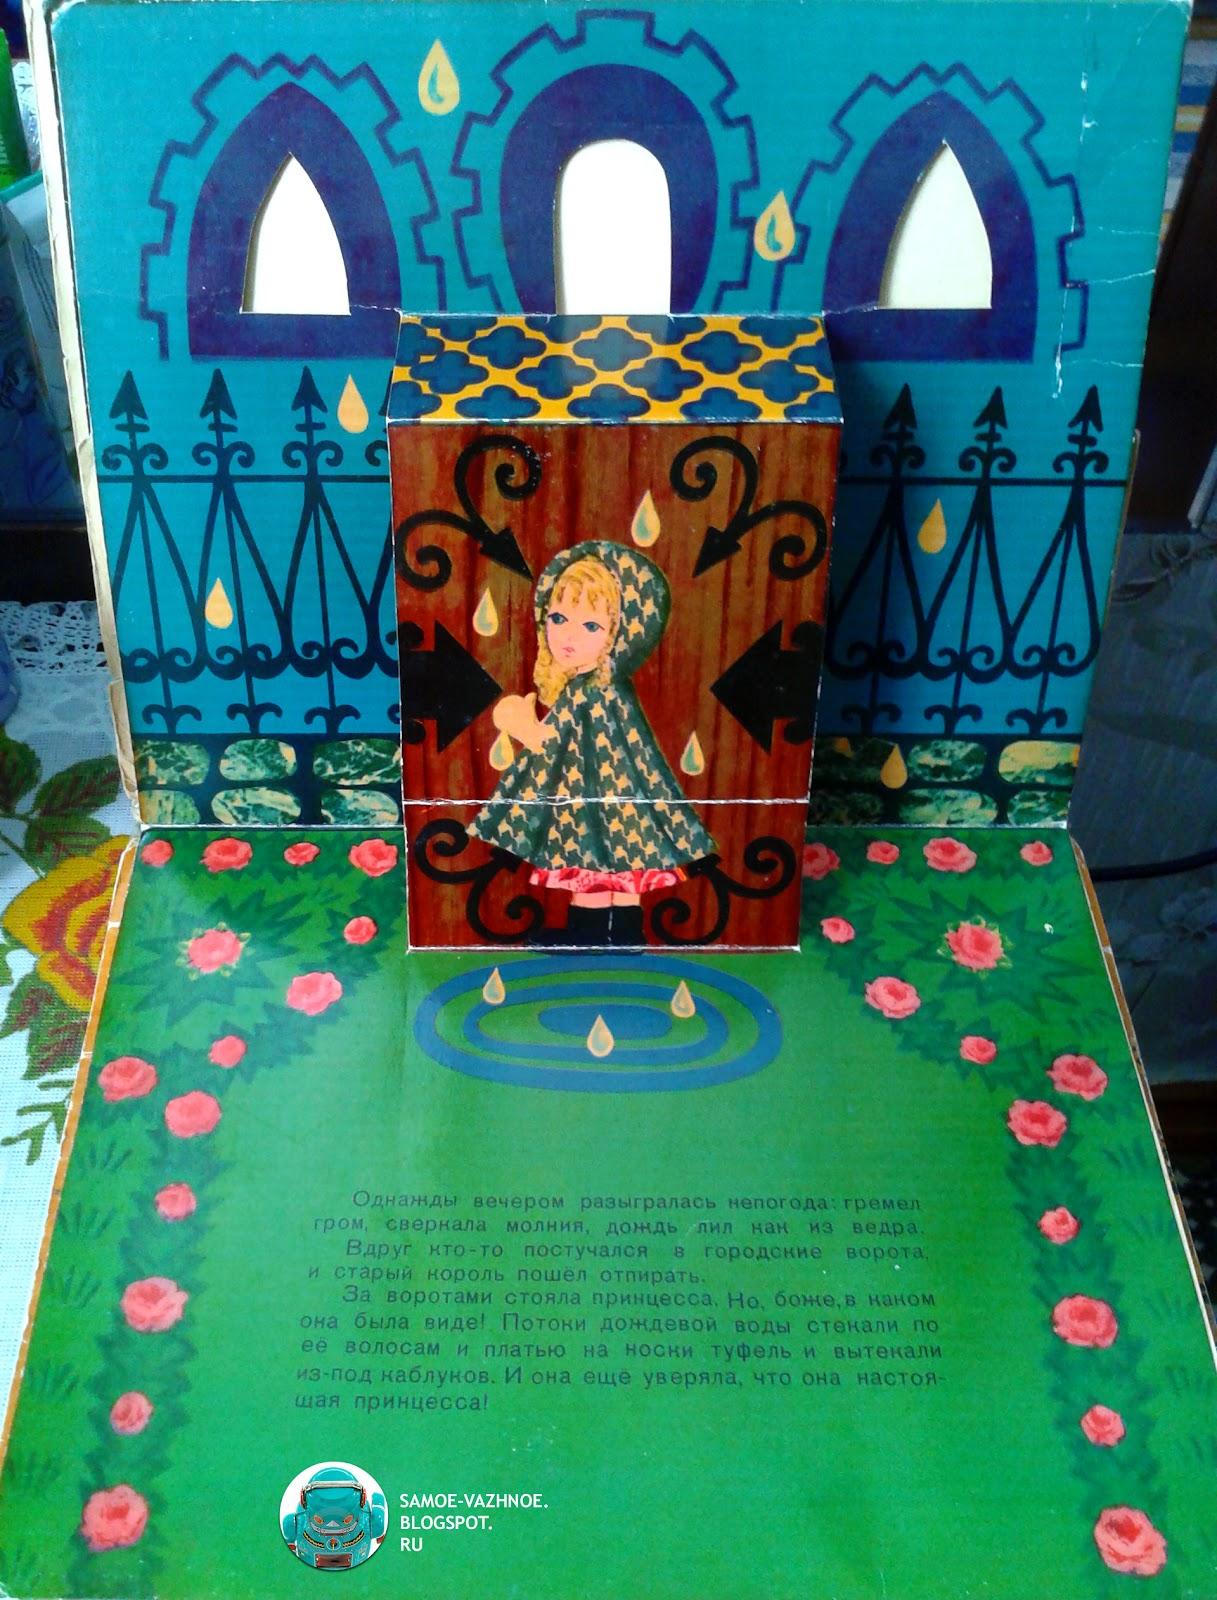 Советская детская литература 20 века. Принцесса на горошине Лия Майорова книга-раскладушка, панорама СССР 1972 год